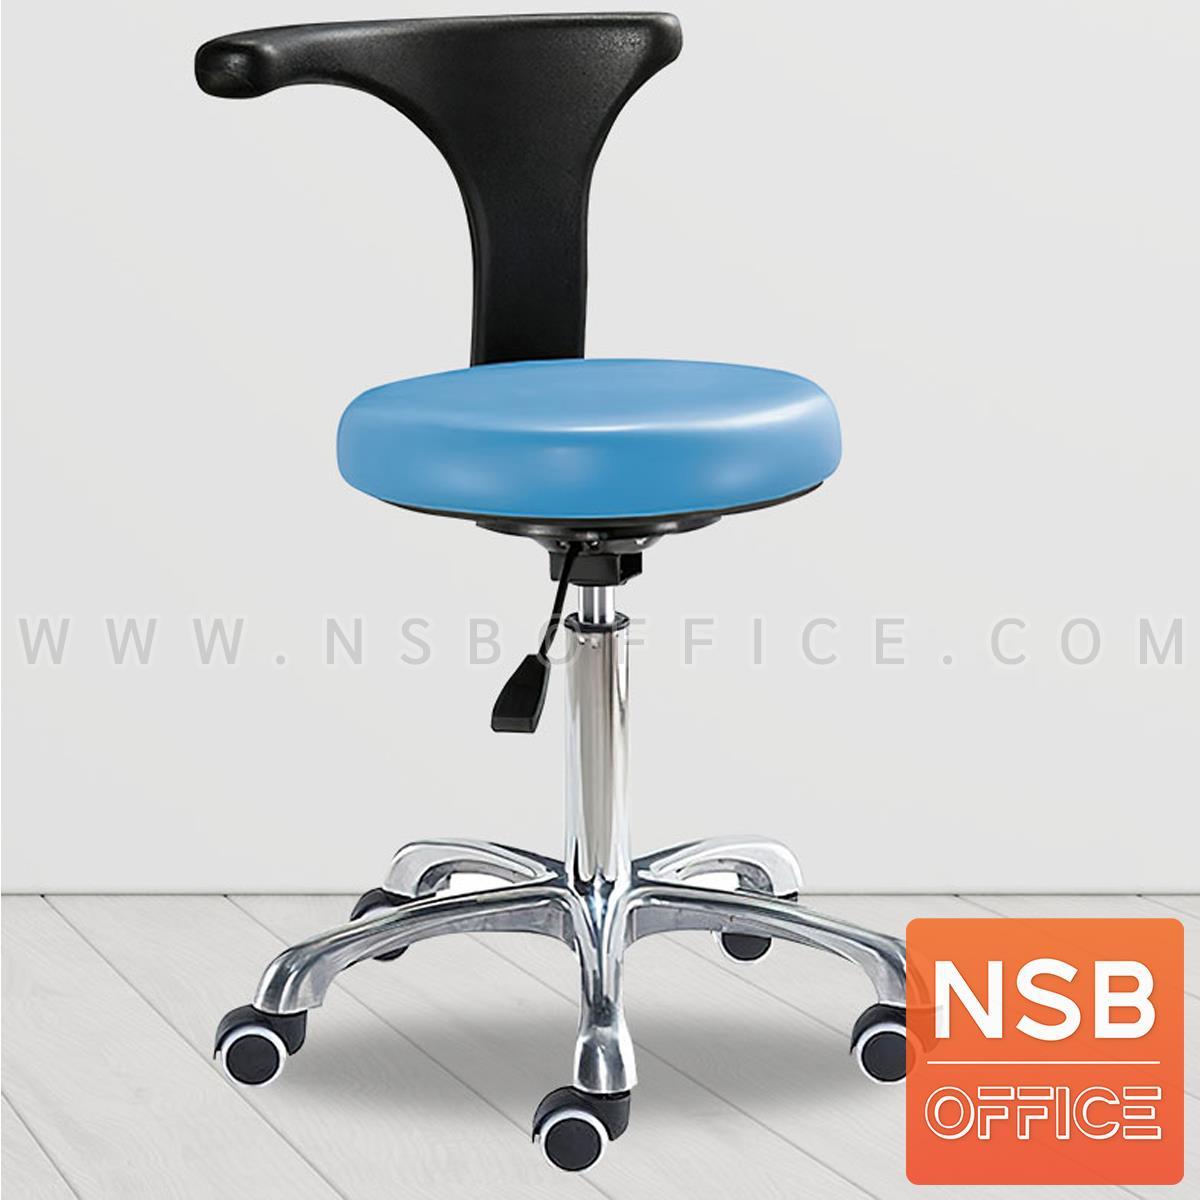 เก้าอี้หมอฟัน ทันตแพทย์ รุ่น Arken (อาร์เคน) พนักพิงหมุนได้รอบตัว ขาอลูมิเนียม